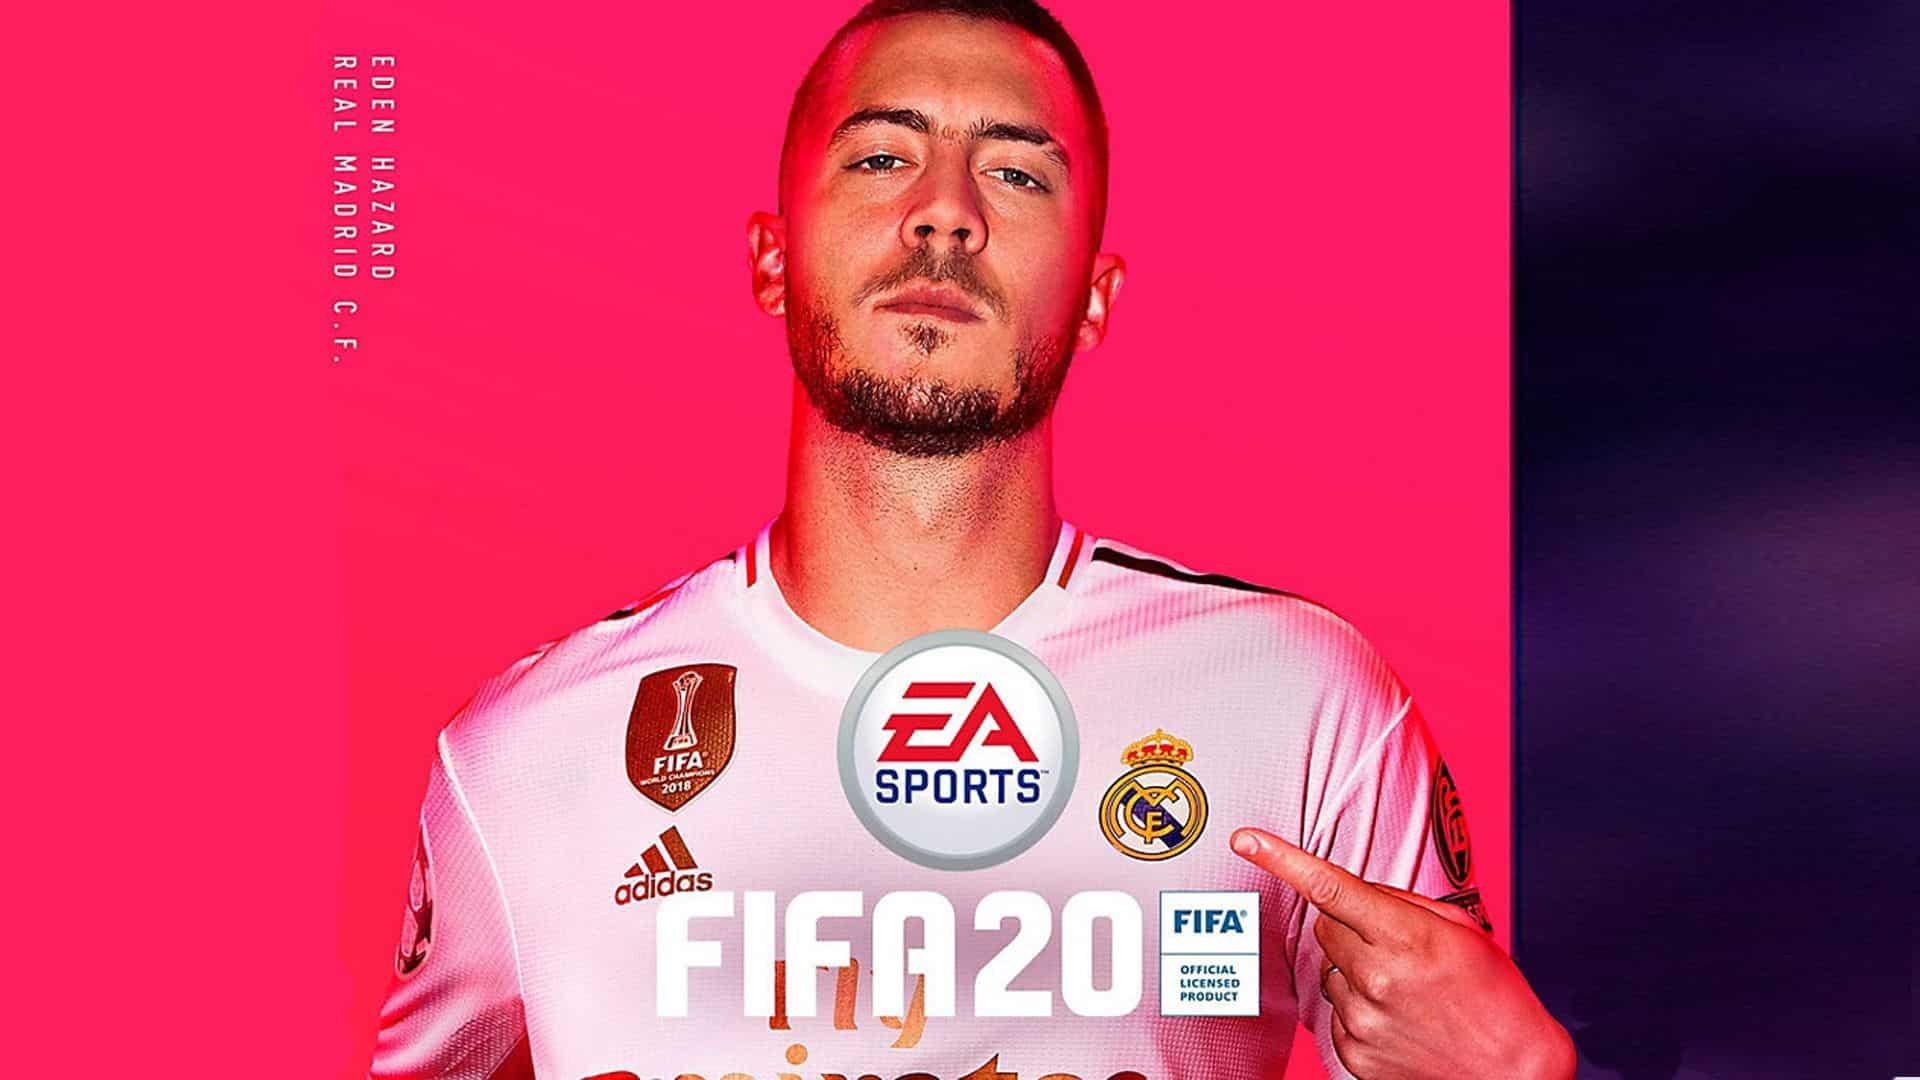 EA SPORTS Unveils Eden Hazard And Virgil Van Dijk On Covers Of FIFA 20